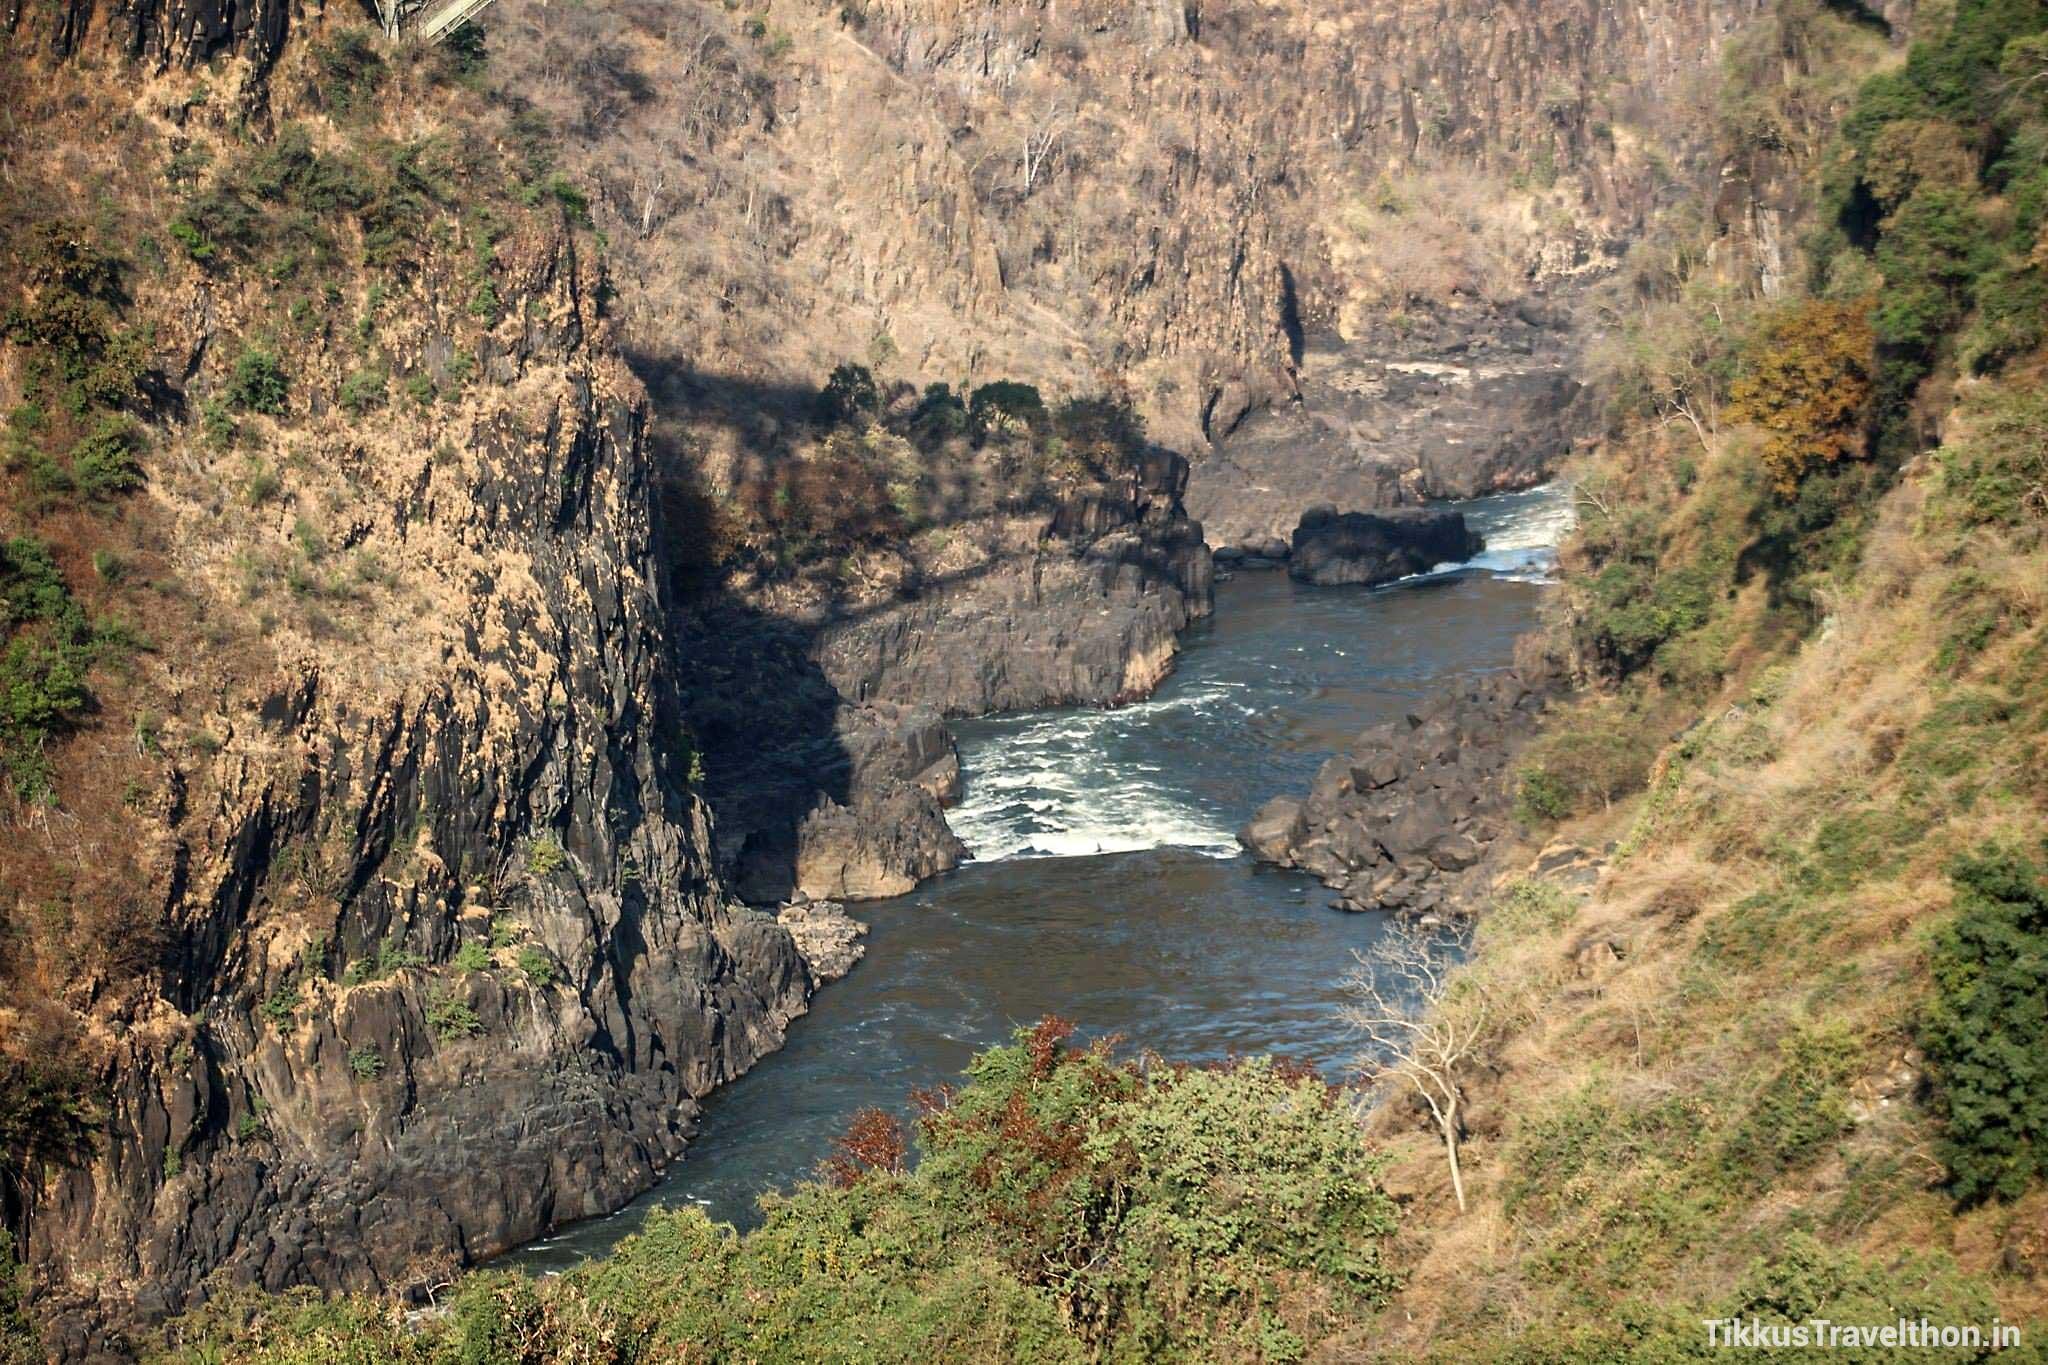 The River Zambezi